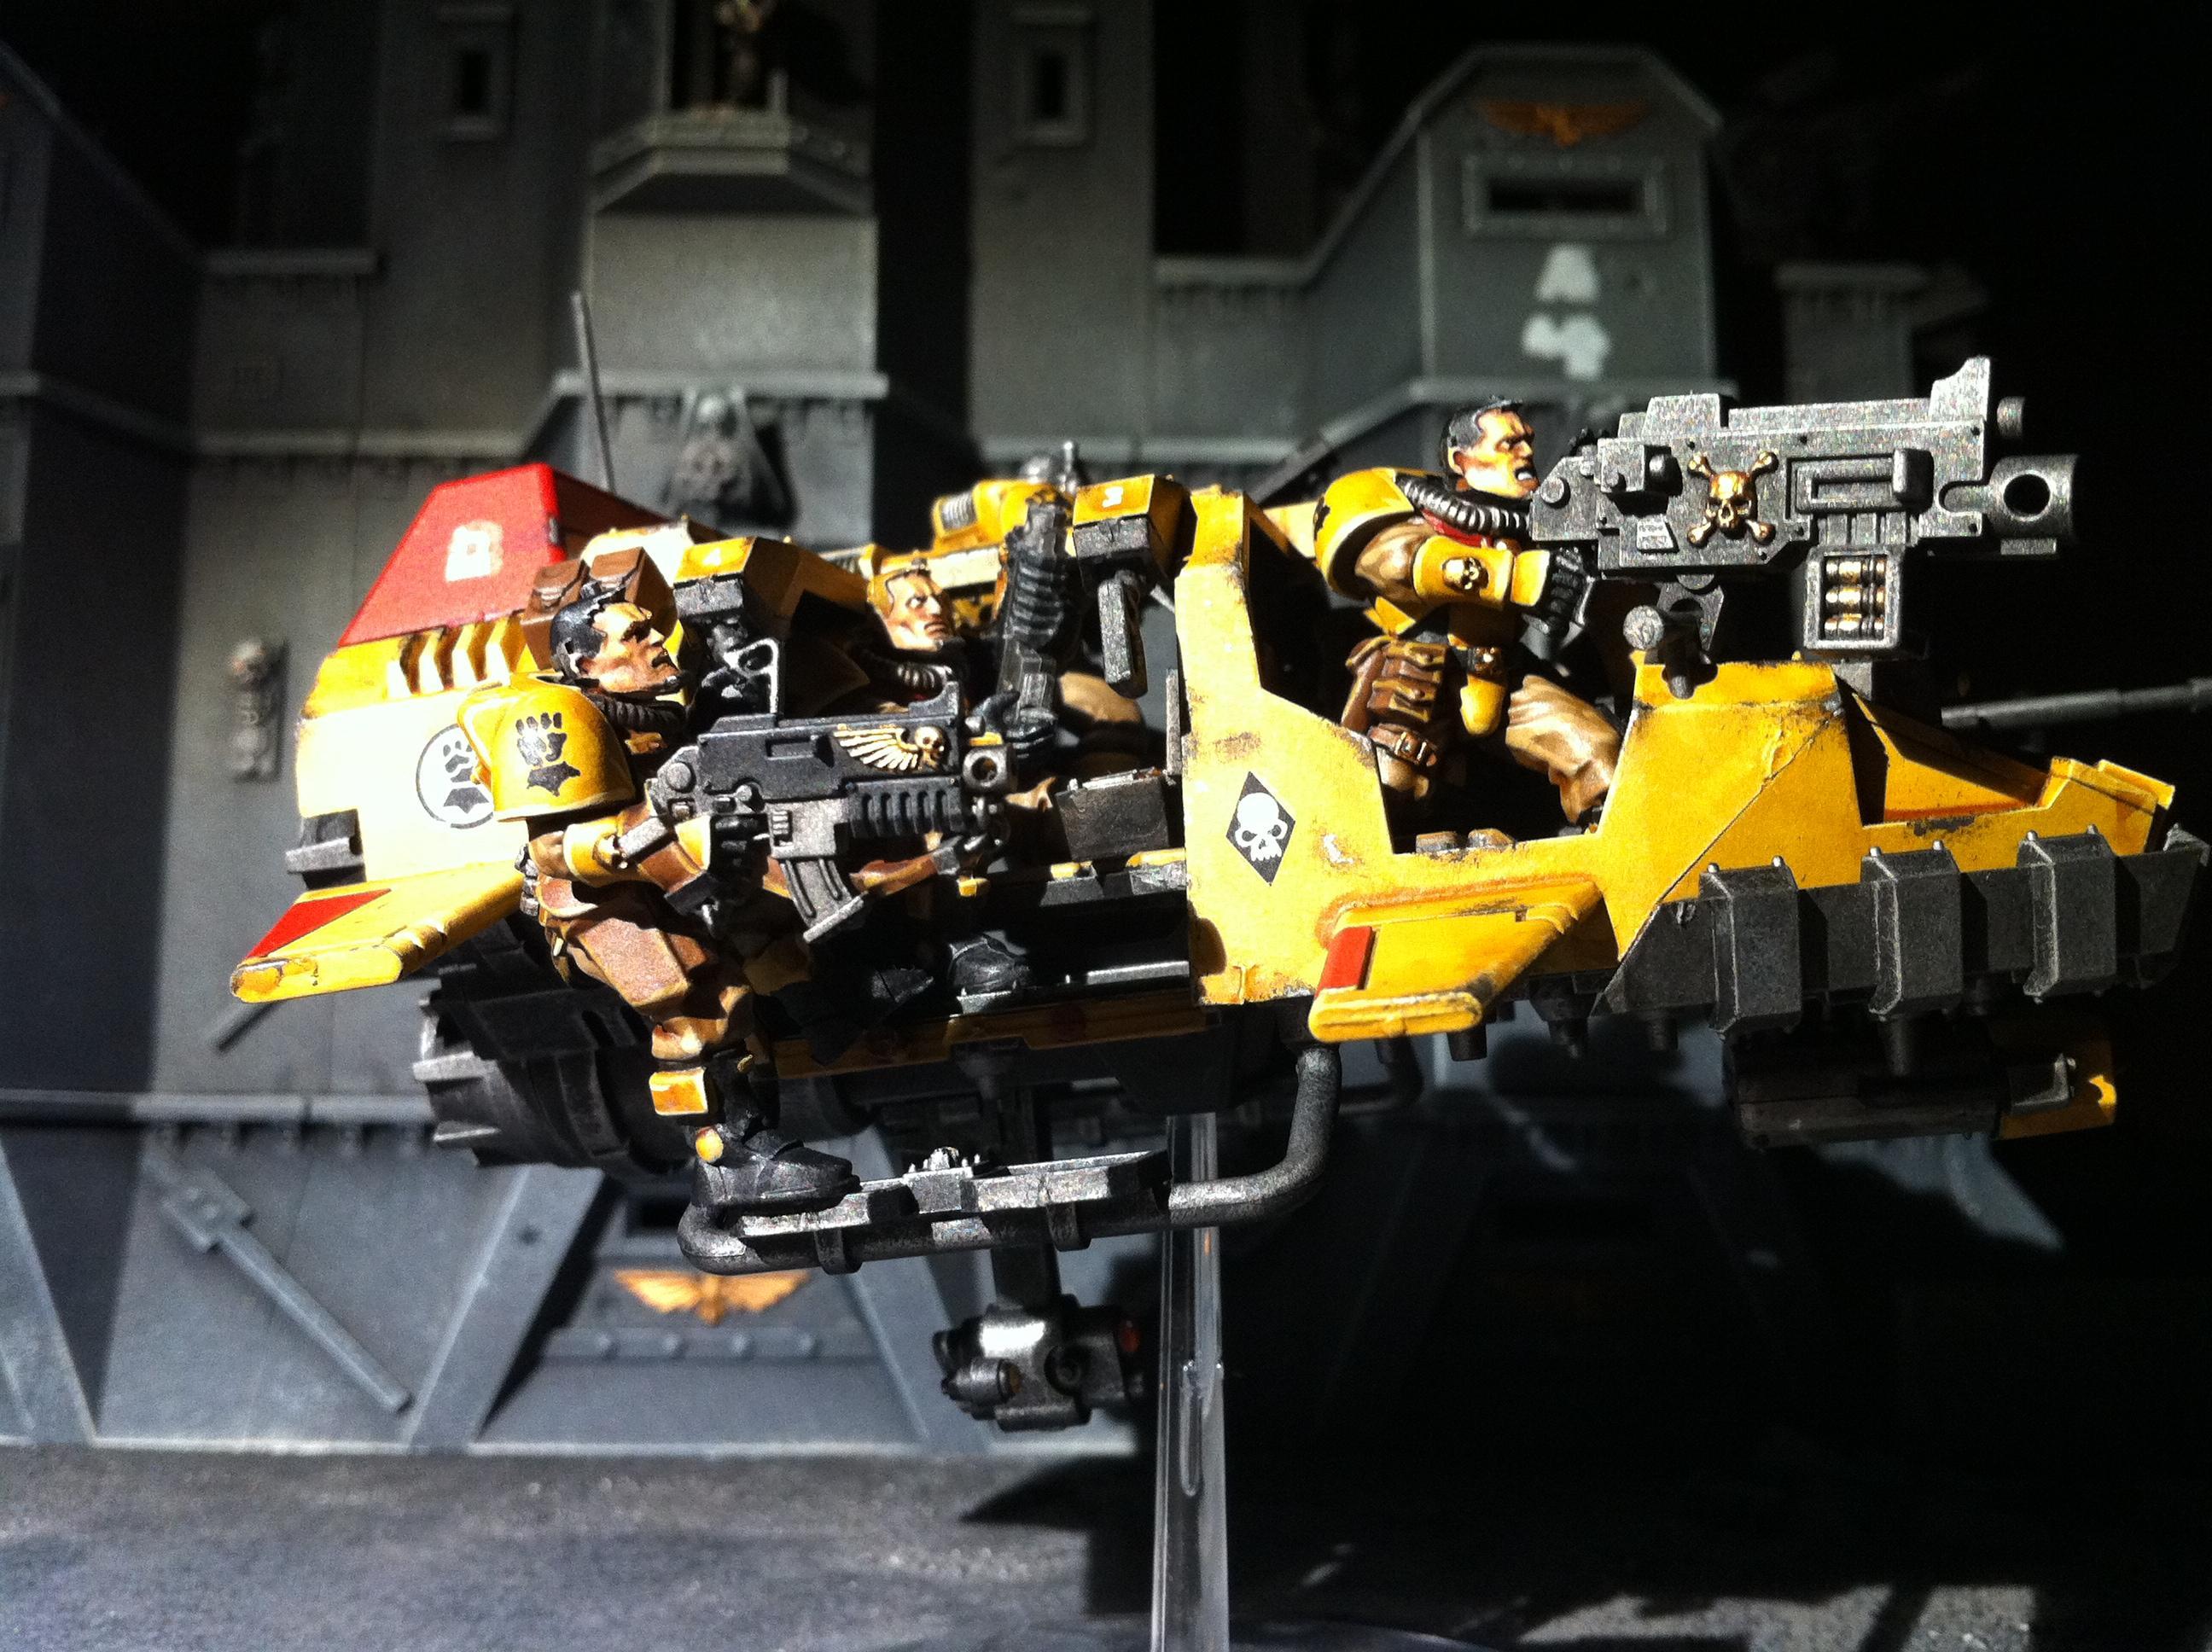 Imperial Fists, Land Speeder, Land Speeder Storm, Scouts, Space Marines, Warhammer 40,000